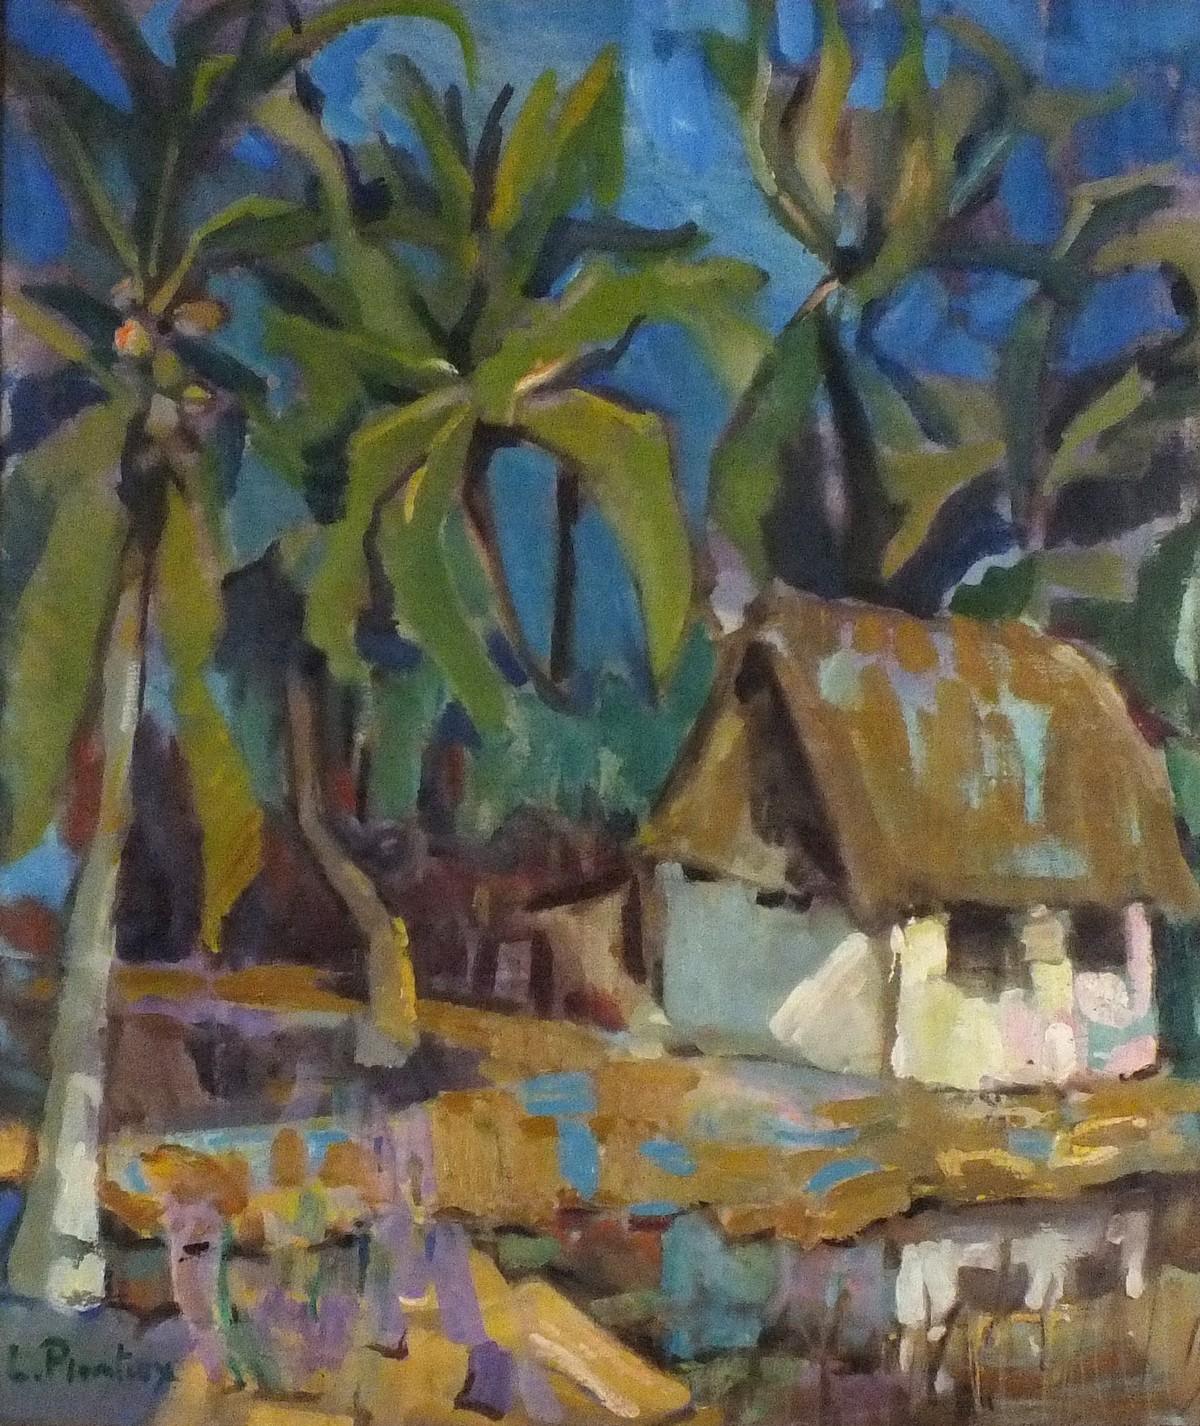 Lot 7 - Leopold PLOMTEUX (Belgian 1920-2008)Paysage Exotique (Exotic Landscape), Oil on canvas laid down,